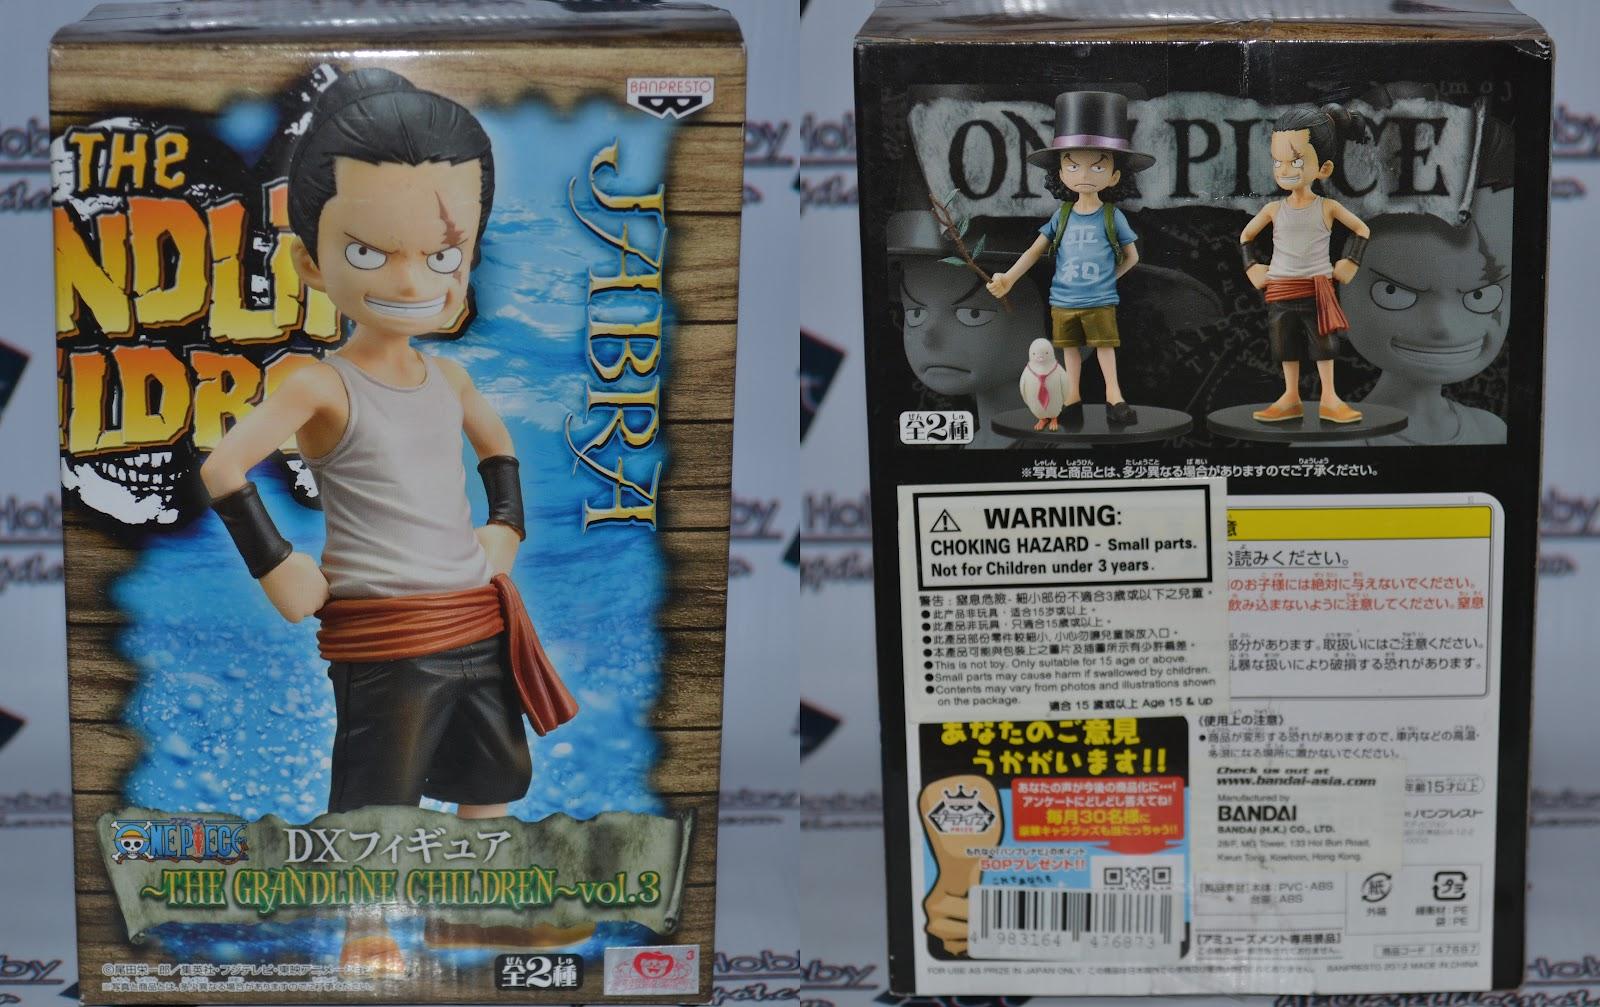 ABCbajet Hobby: Review: Banpresto One Piece DX Figure The